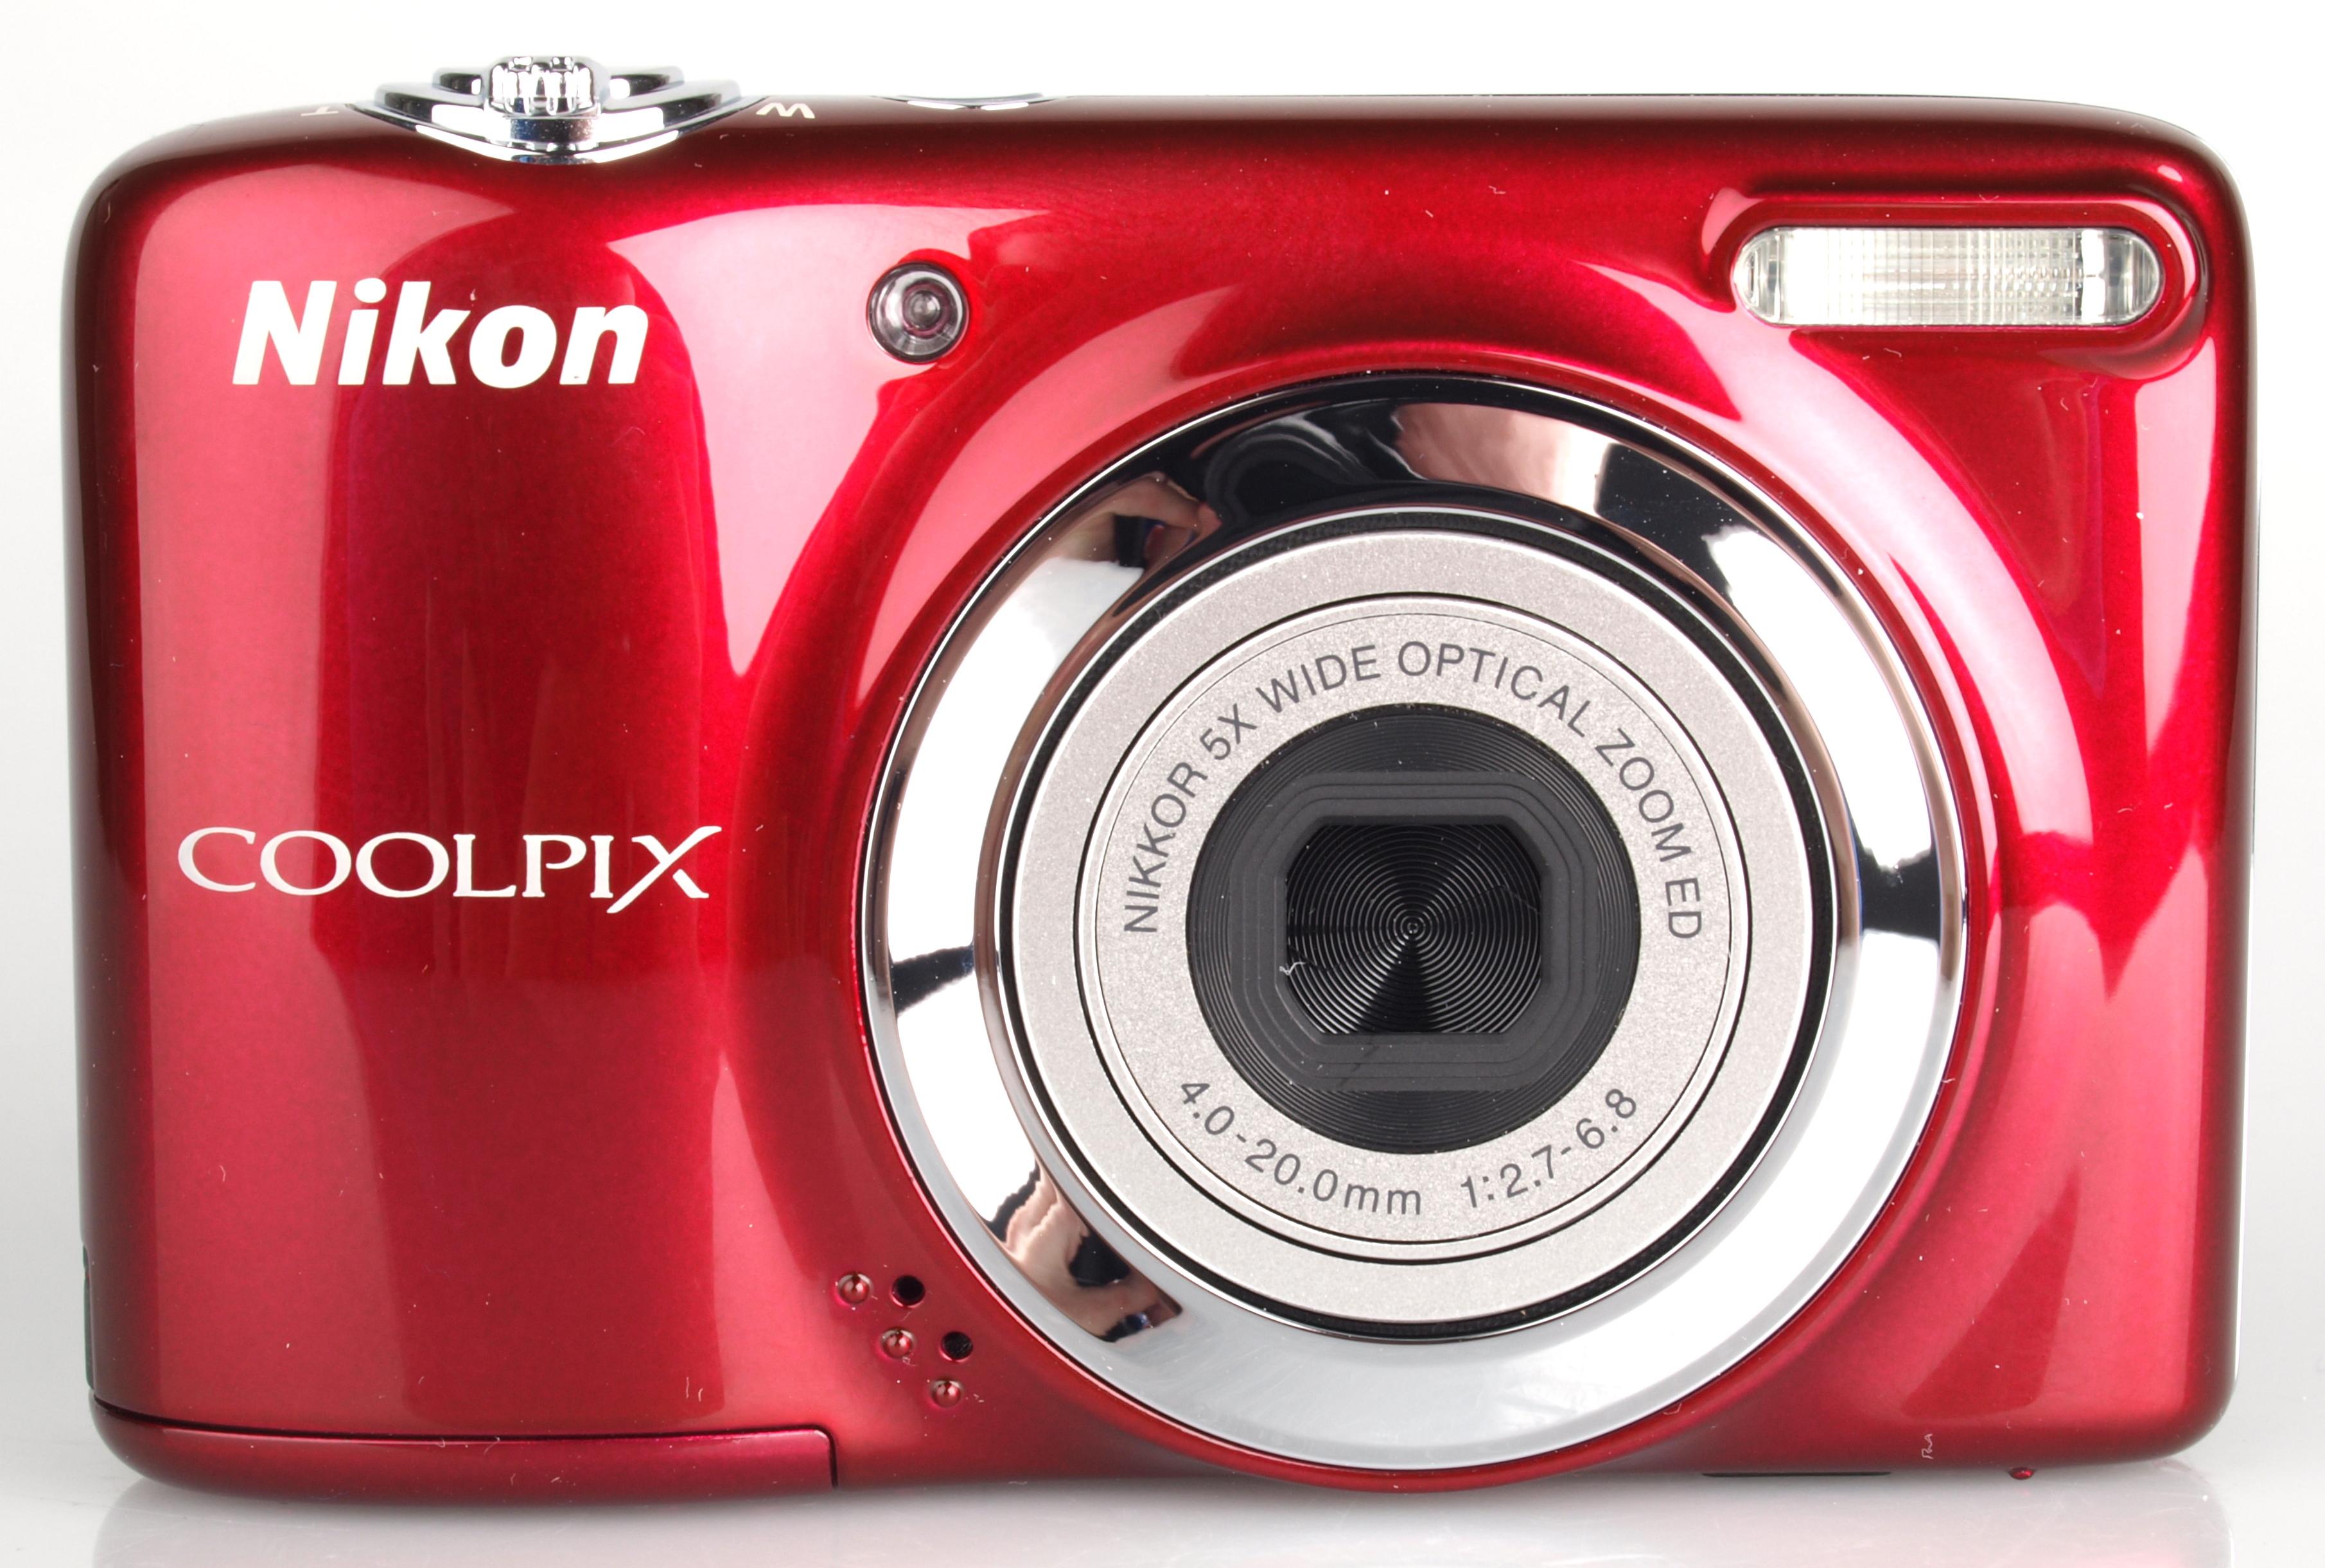 Nikon Coolpix L25 Compact Camera Review